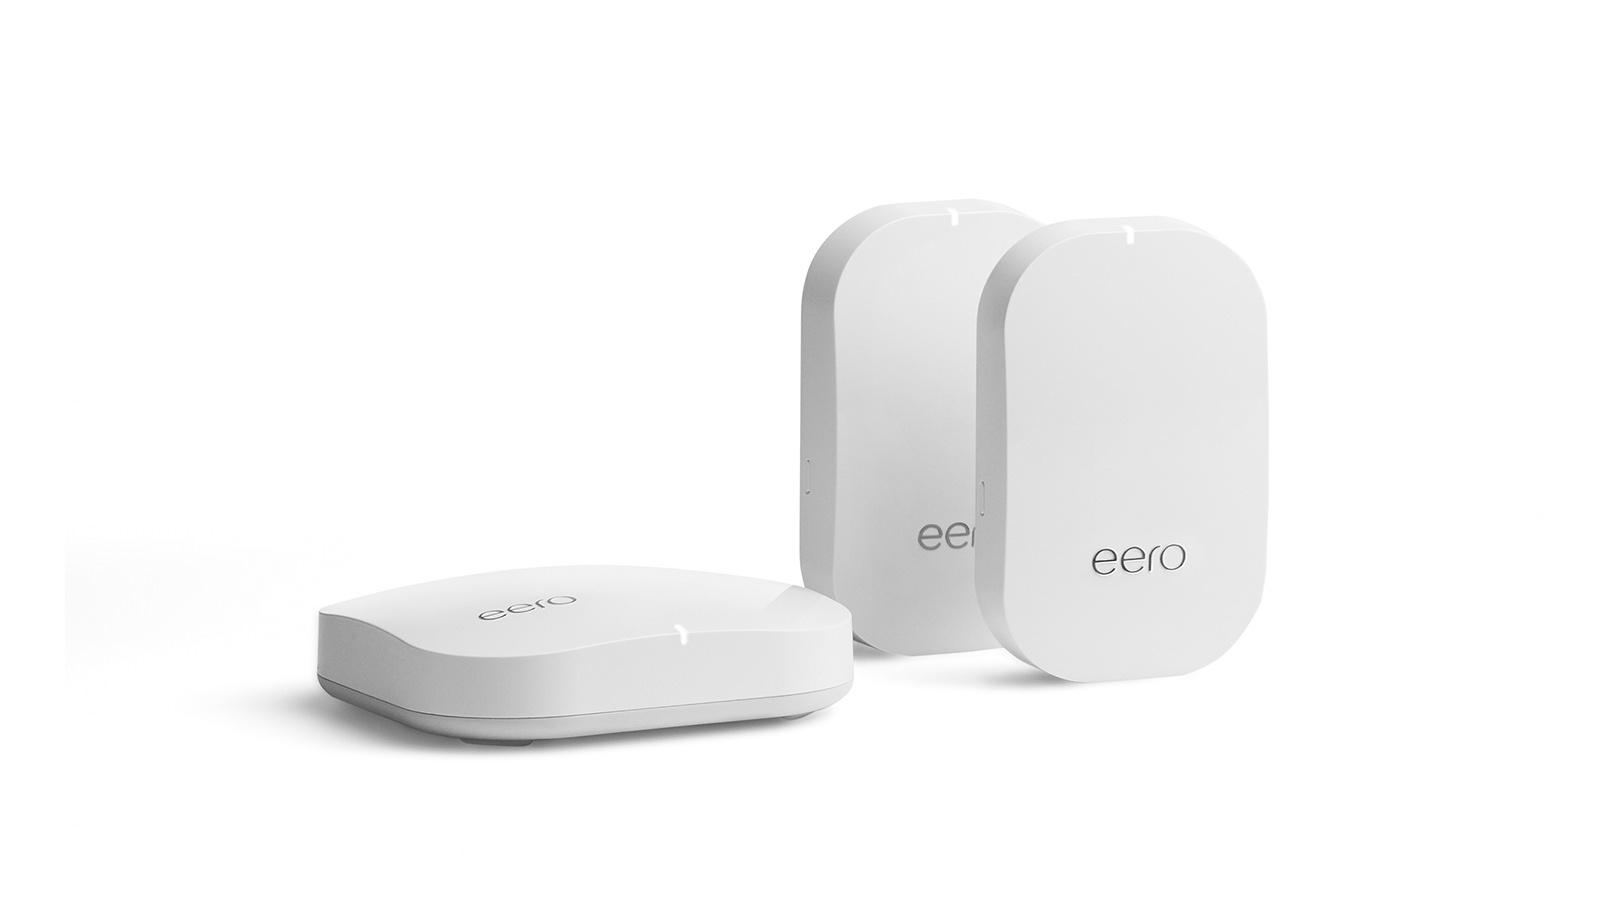 Posibles modelos para Google: enrutadores de tela Eero con bengalas